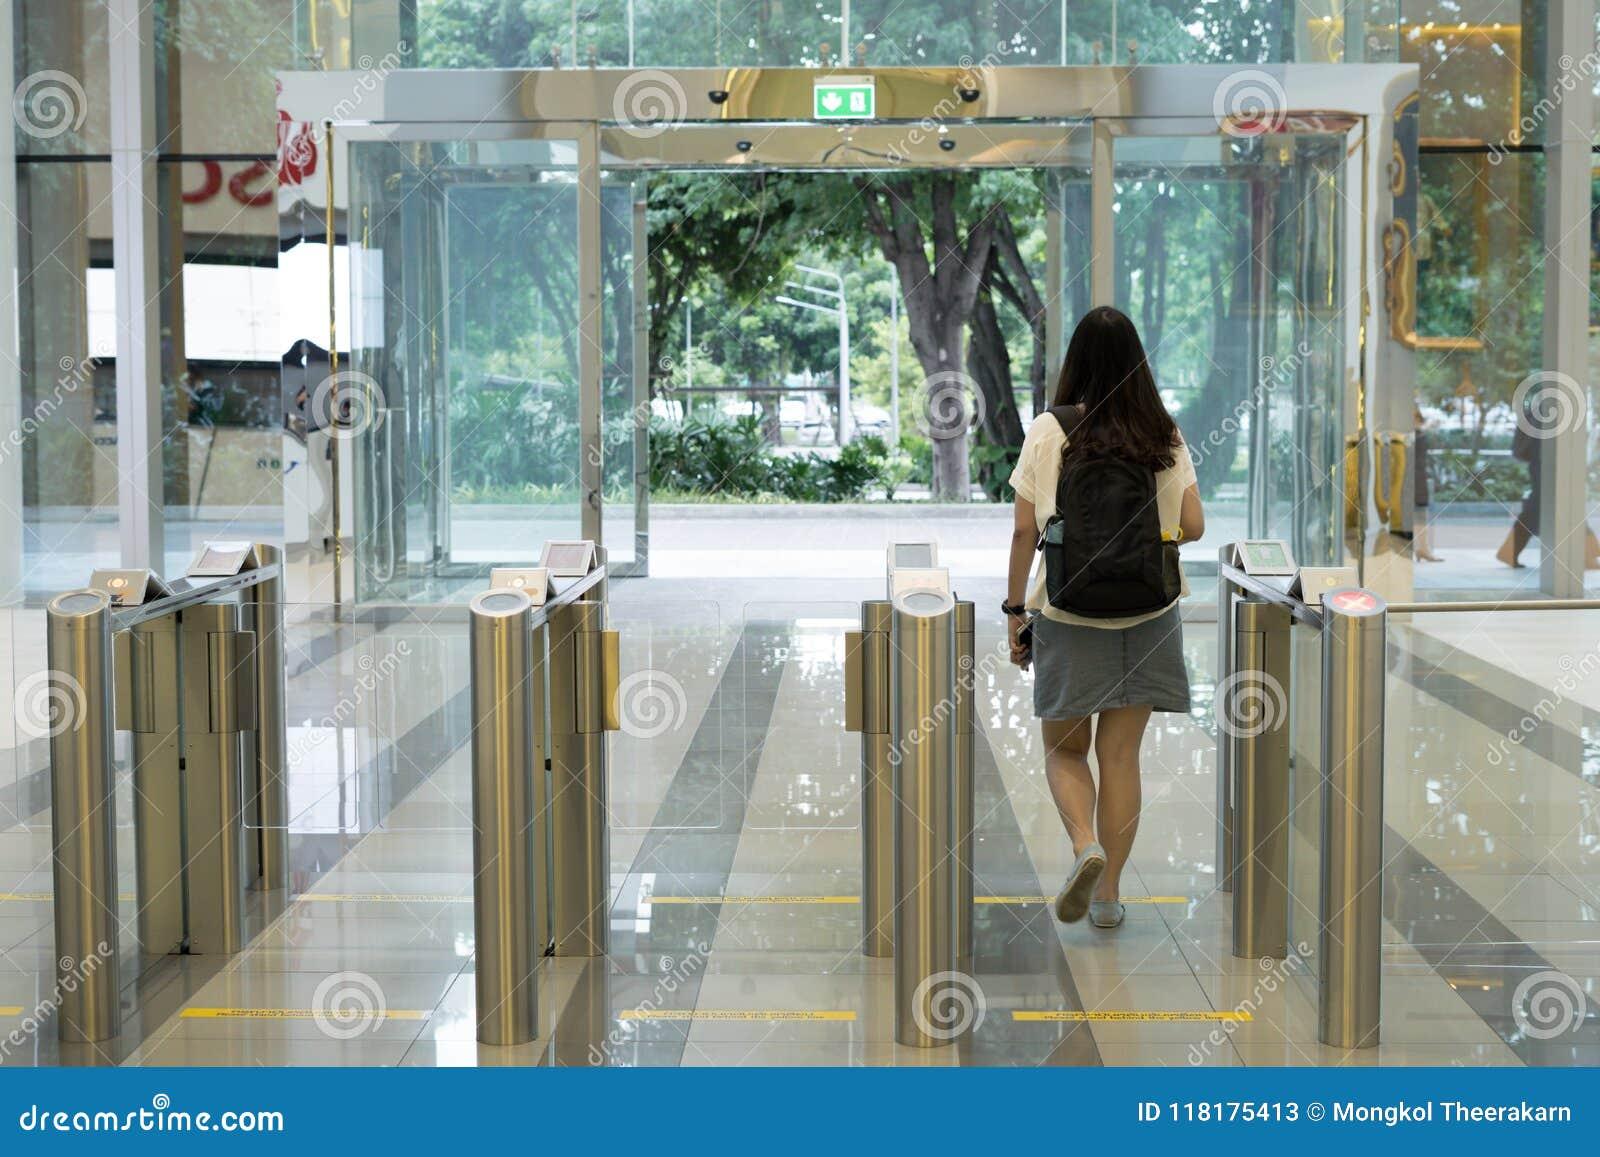 Contrôle d accès adapté aux besoins du client de la porte rfid de